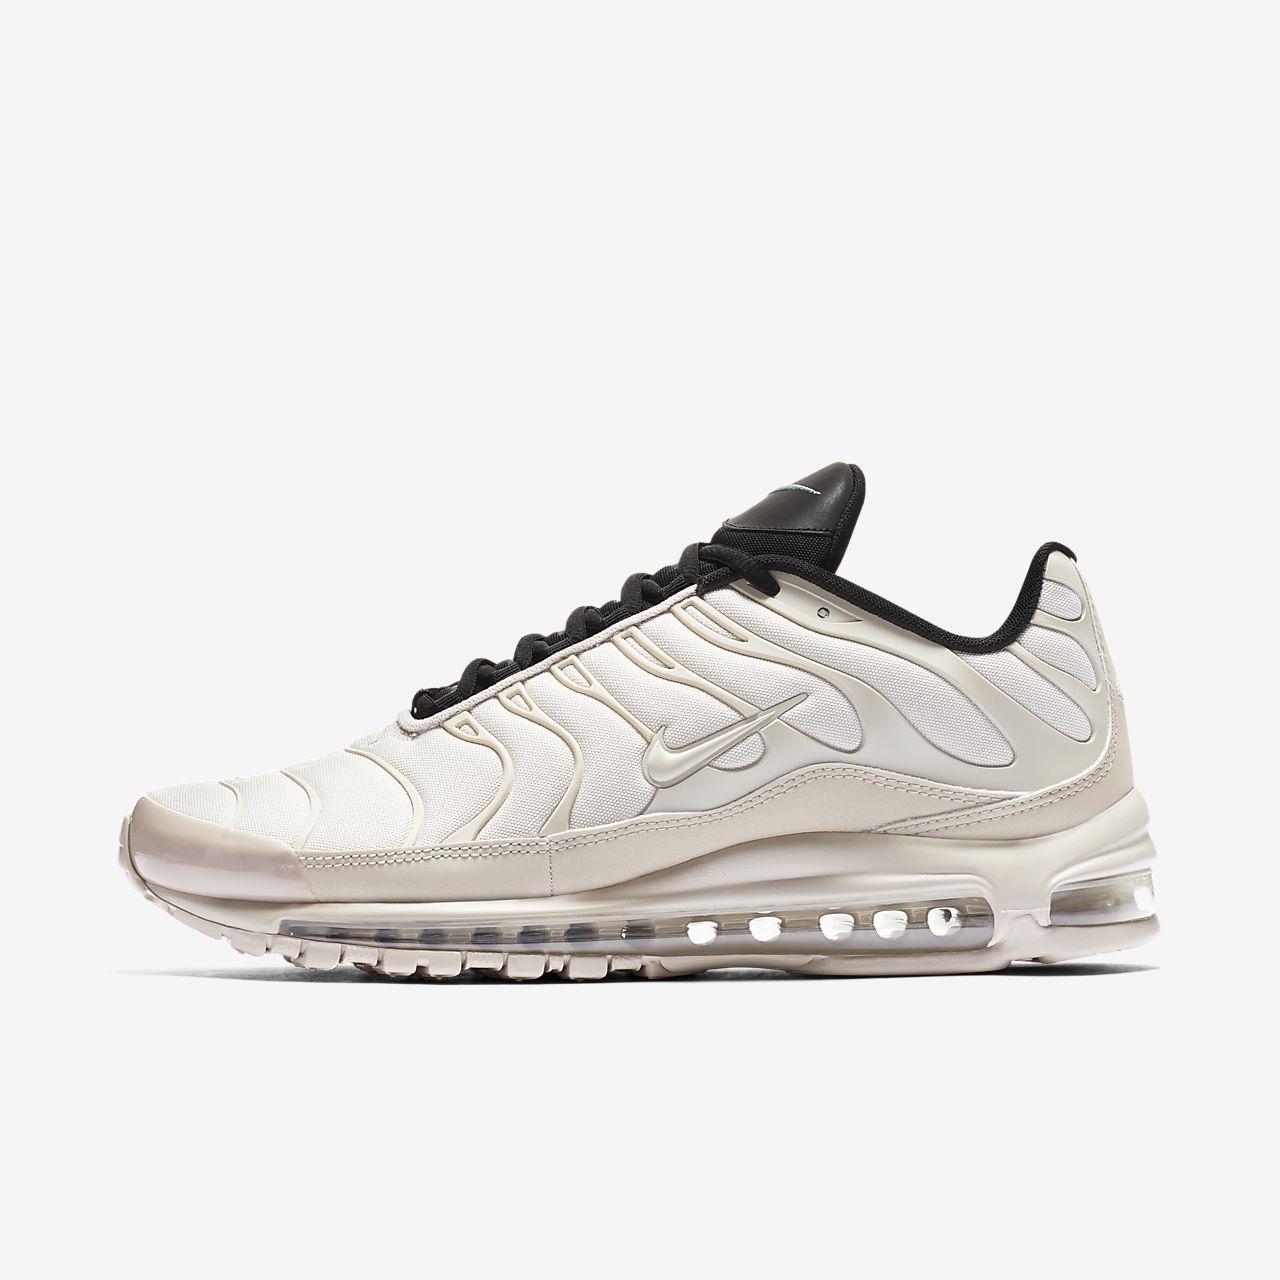 quality design f5781 e4457 ... Calzado para hombre Nike Air Max 97 Plus